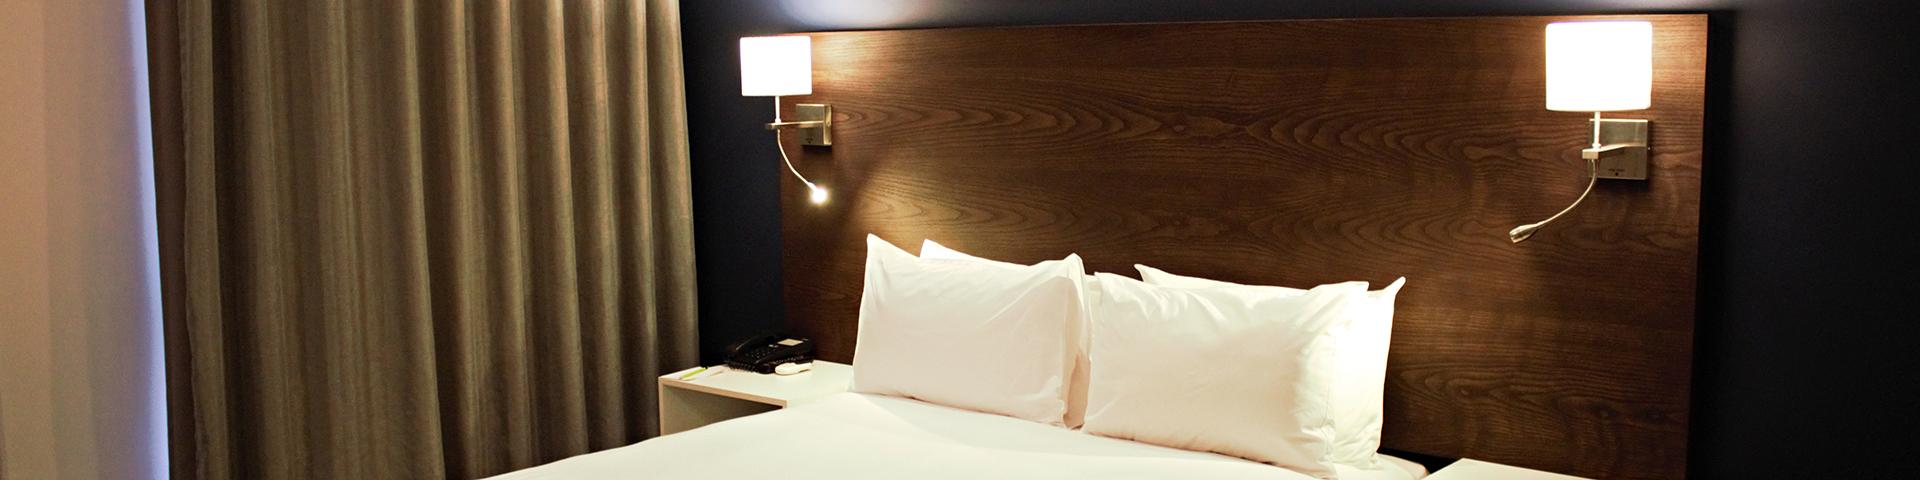 Kathu-Hotel-Slider-Room